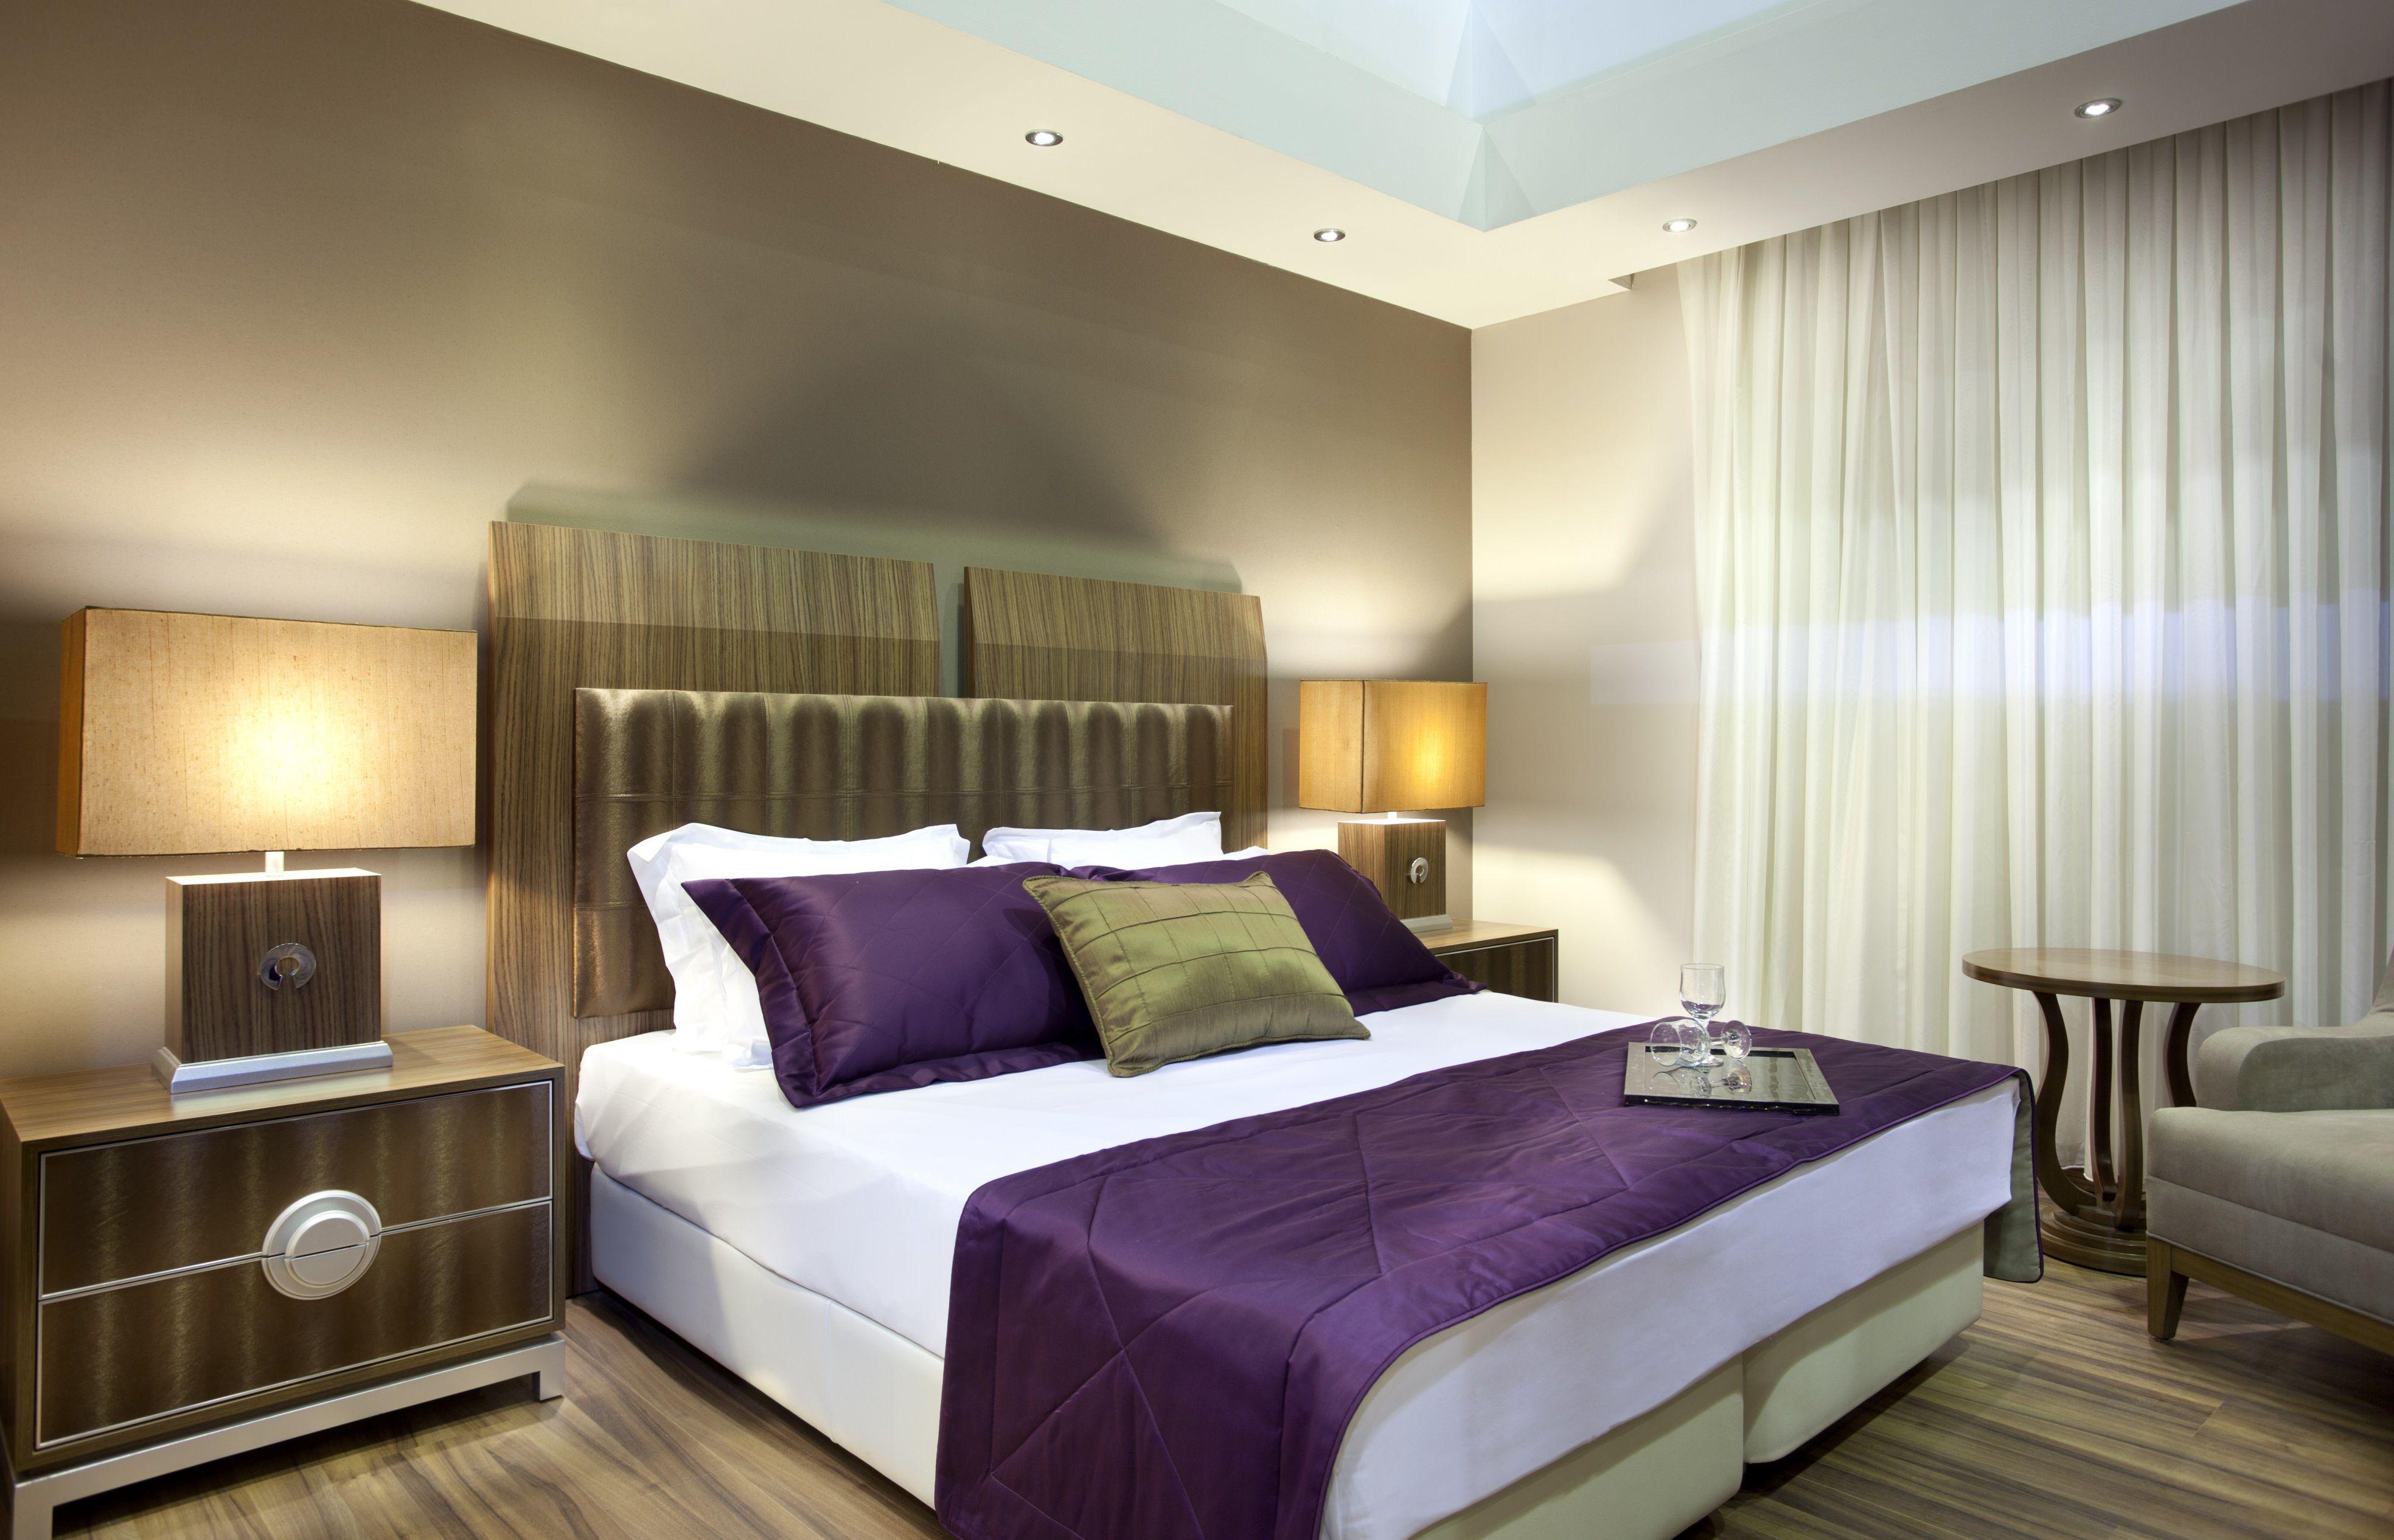 Habitación púrpura y marrón